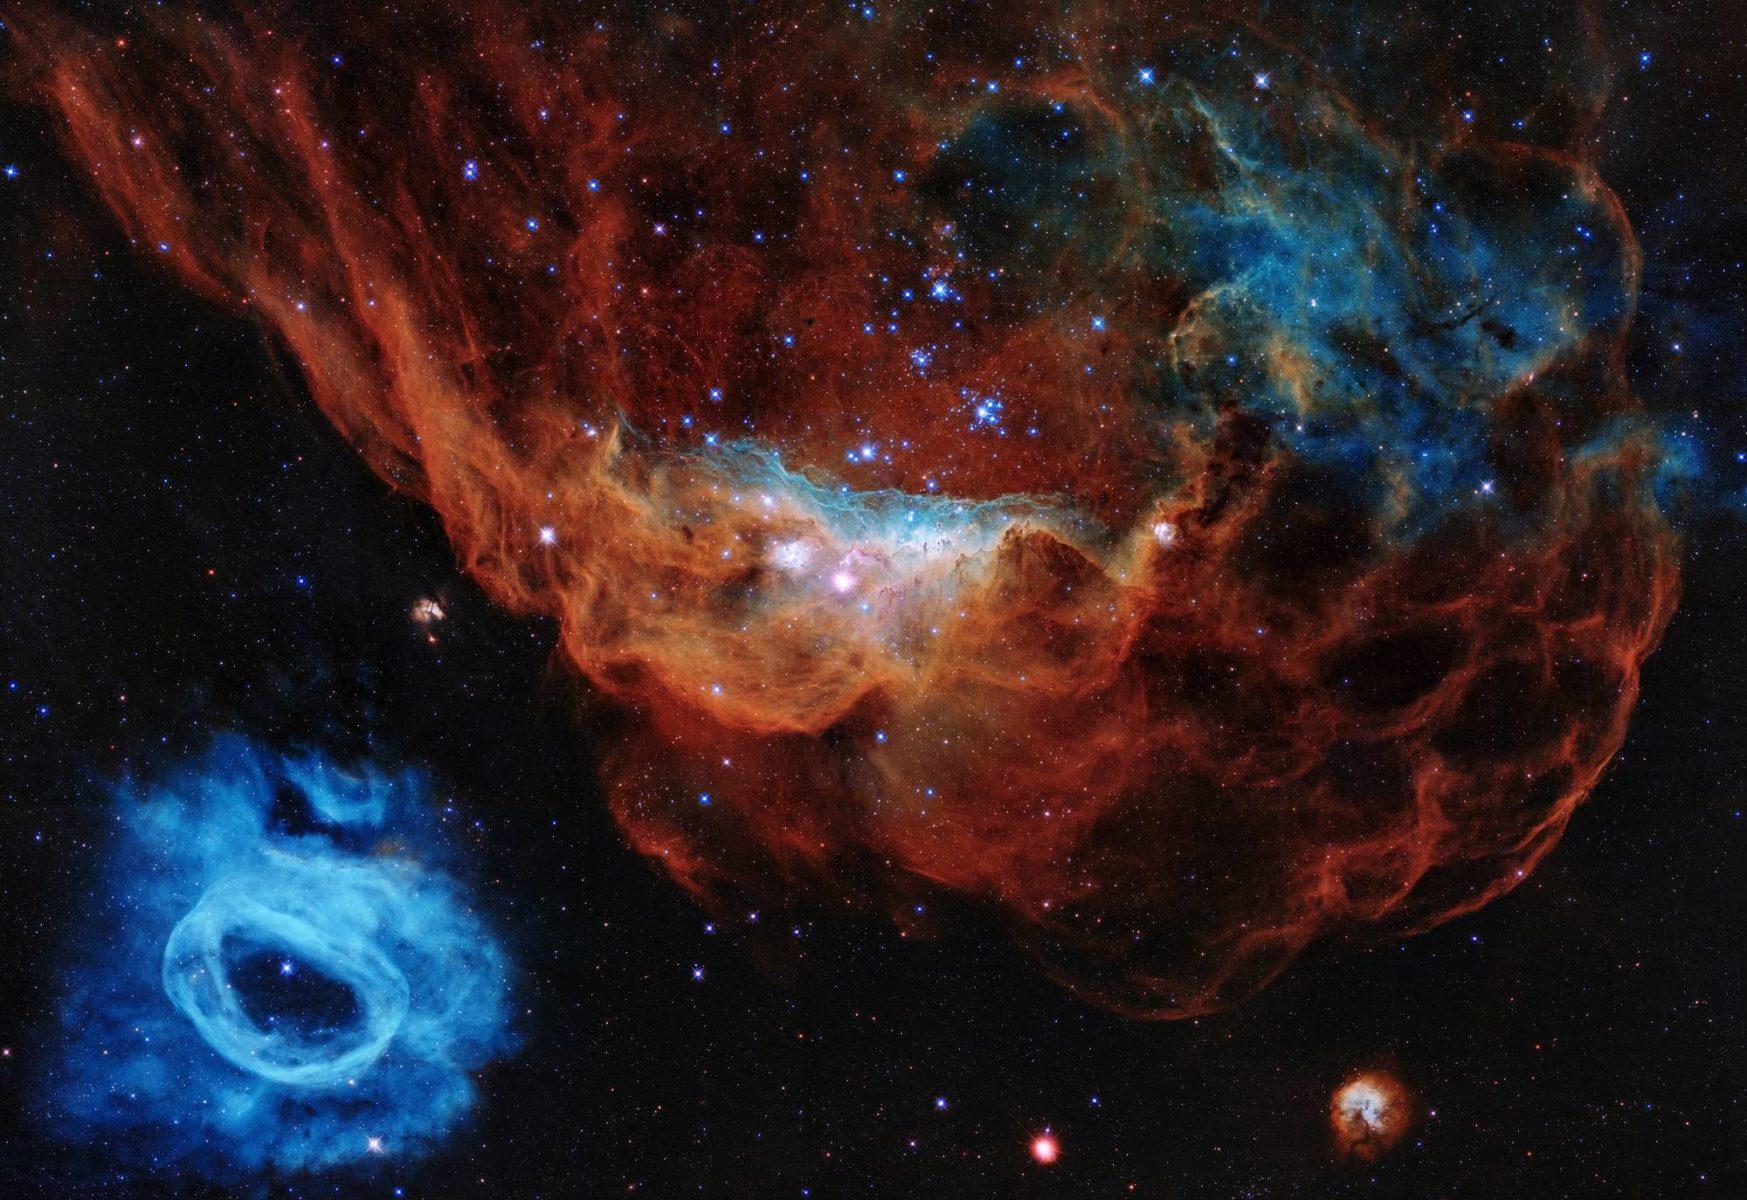 Nuori tähtijoukko on kovertanut tähtituulellaan synnyinpilveensä laajan onkalon. Sininen väri kuvaa happea, punainen vetyä ja typpeä. Vasemman alakulman sininen rinkula on massiivisen tähden puhaltama kaasukupla.